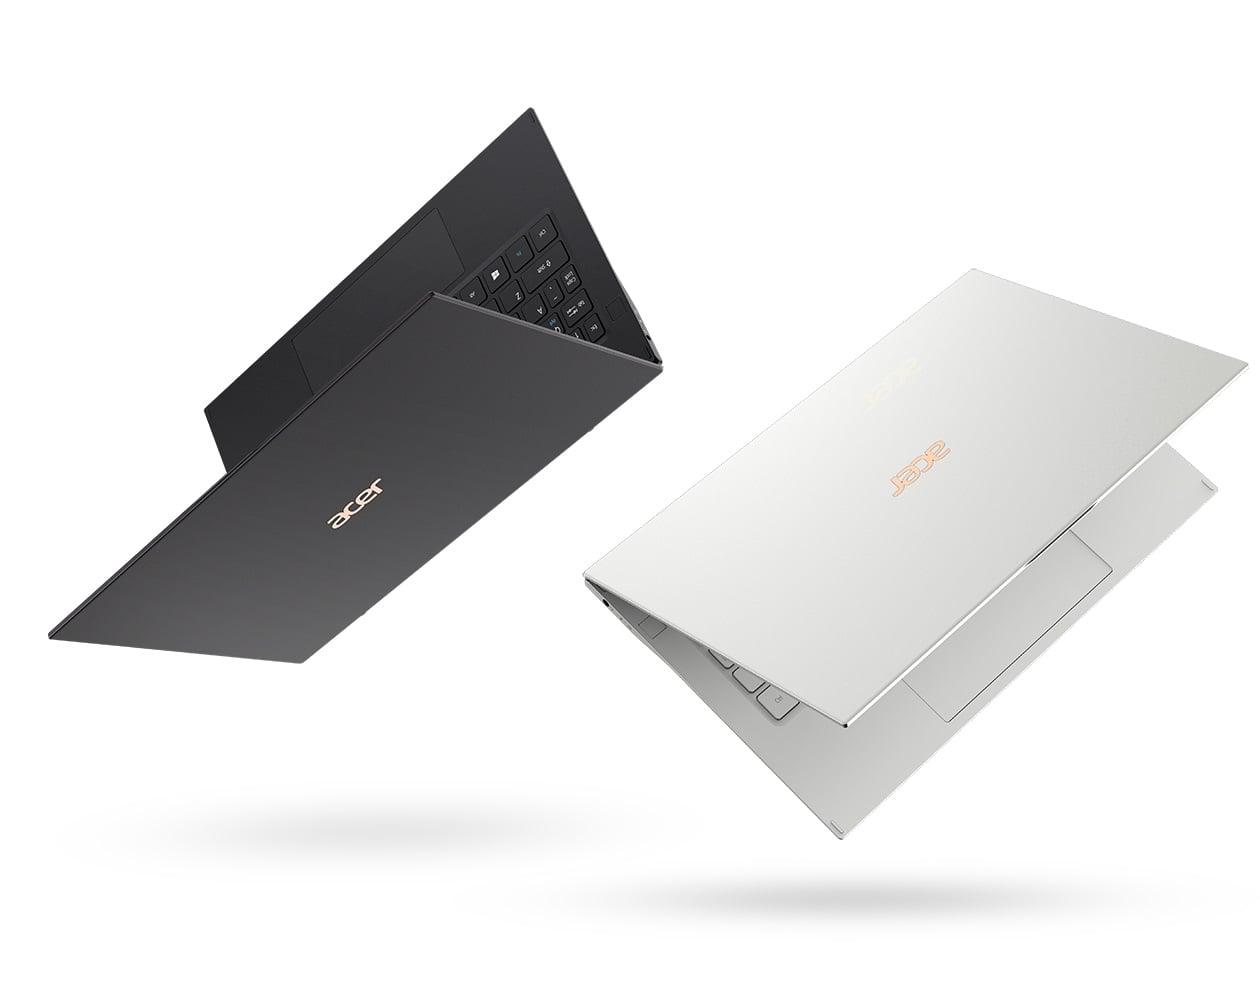 Recenzja Acera Swift 7 - kupiłam, a teraz powiem Wam, co o nim myślę